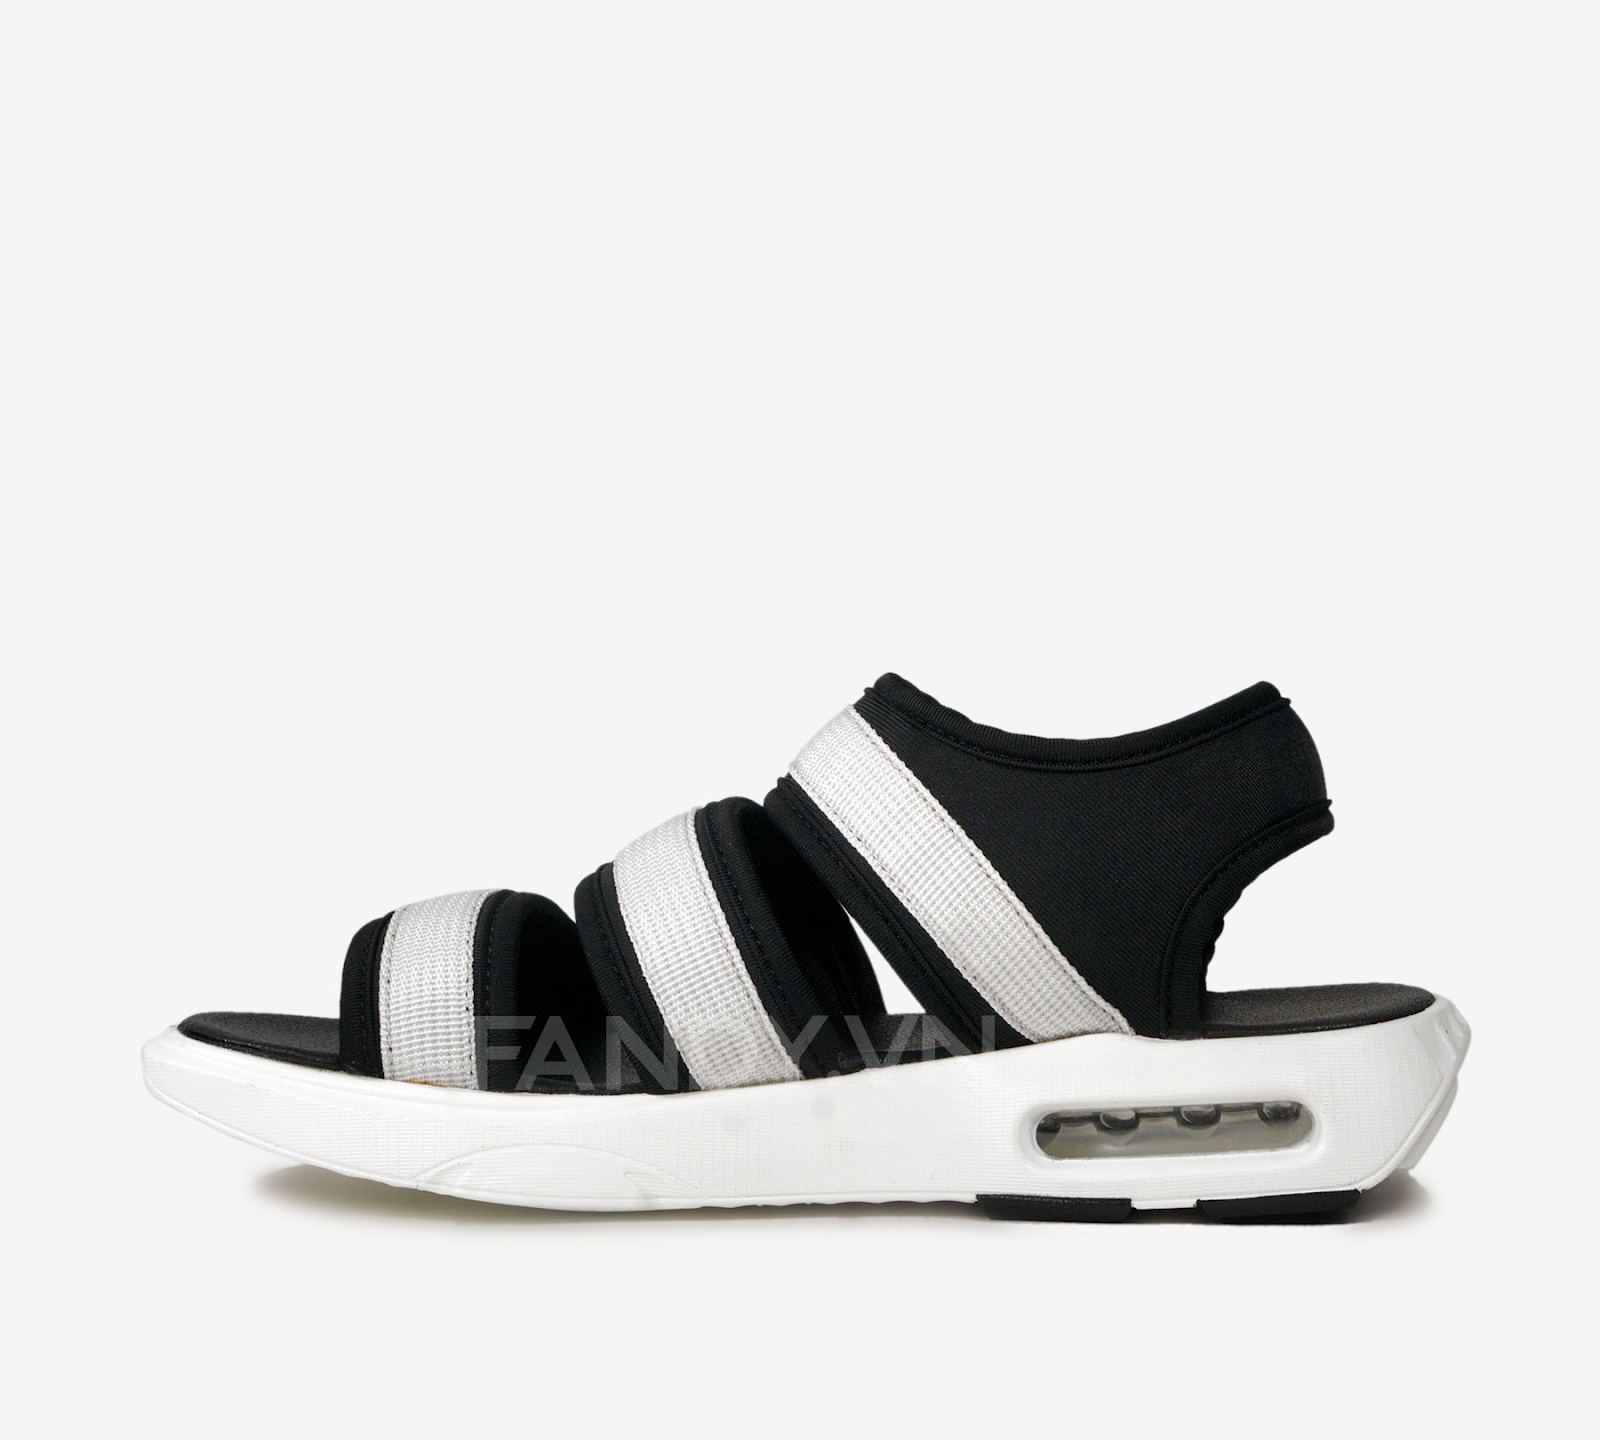 Giày sandal nam tốt nhất